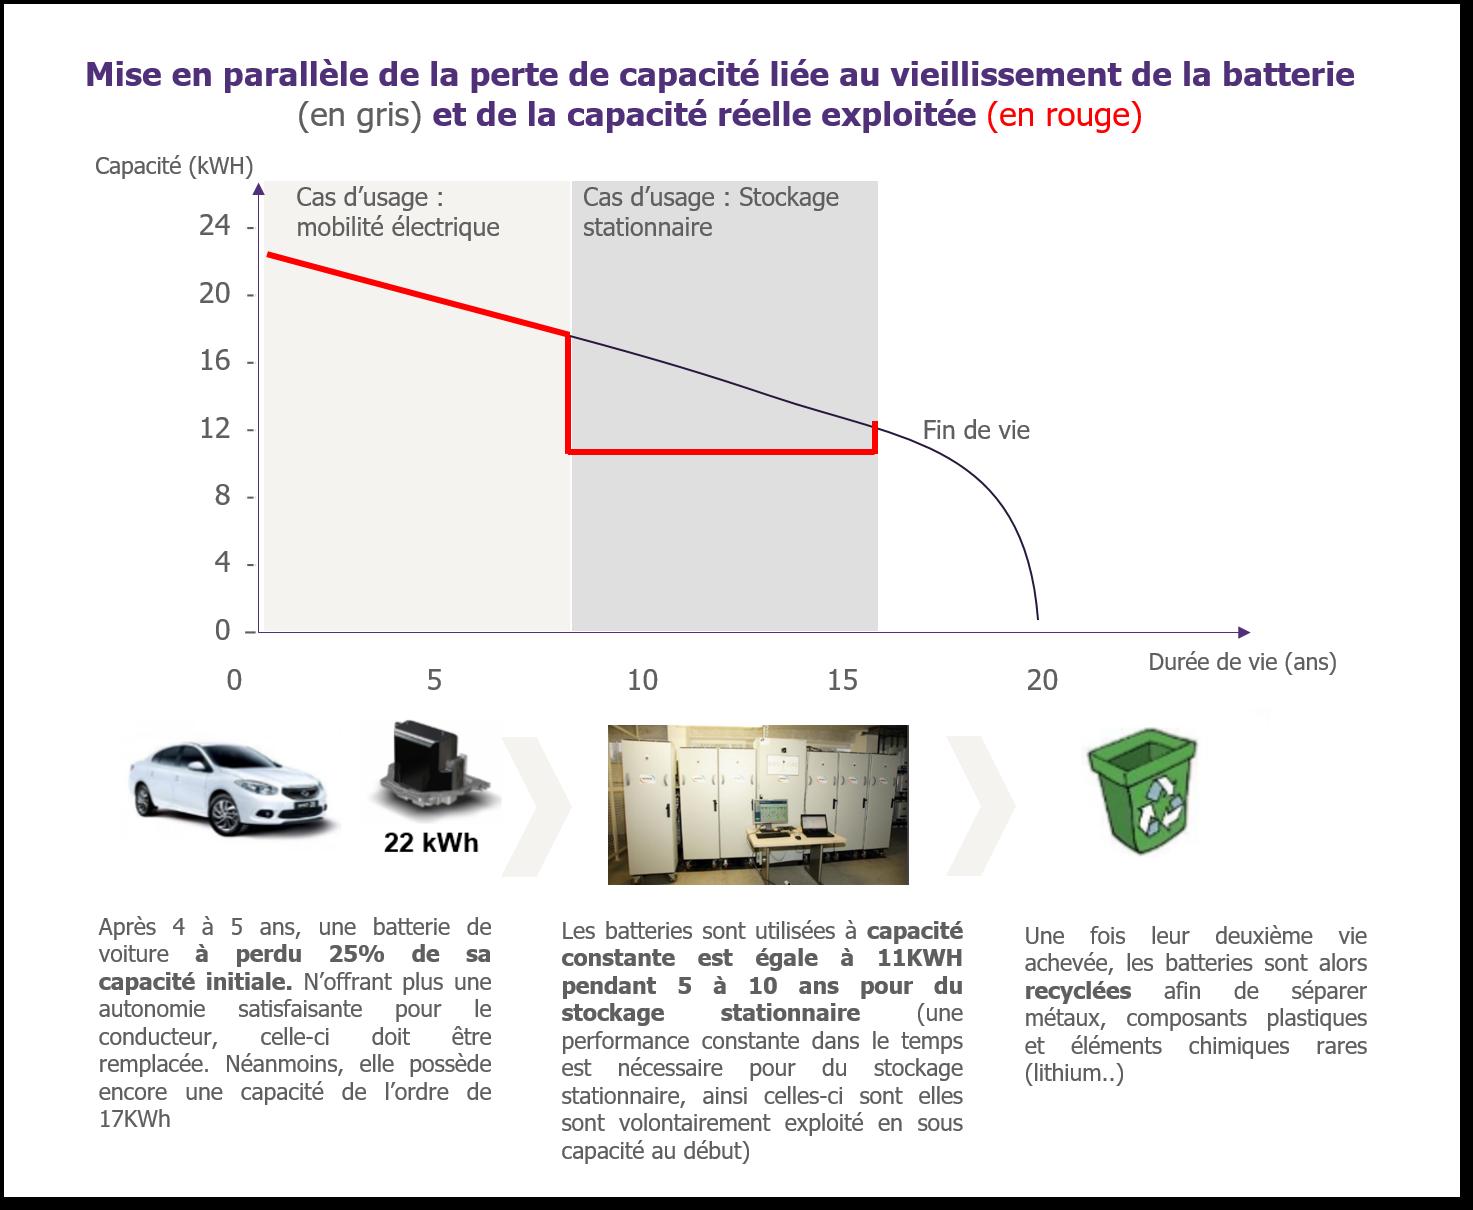 graphique : perte de capacité liée au vieillissement de la batterie